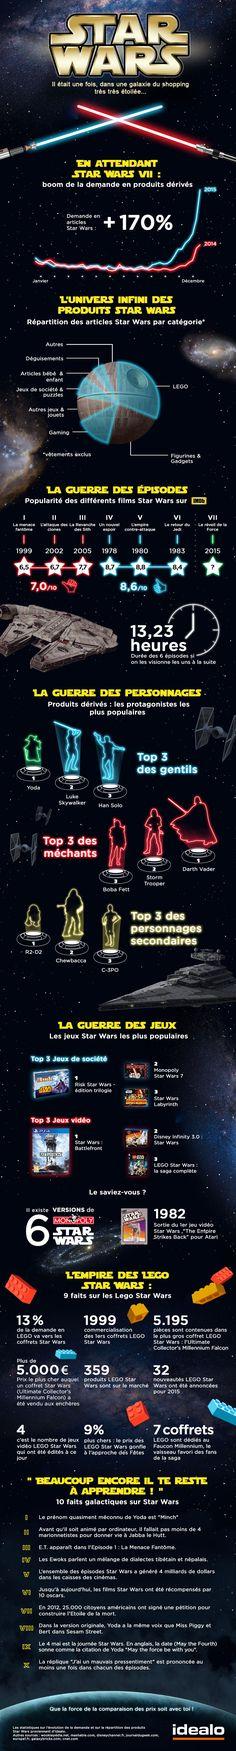 Star Wars est une saga adulée à travers le monde, mais également une source de revenus intarissable, notamment grâce aux produits dérivés. Cette infographie permet de mieux comprendre le phénomène.